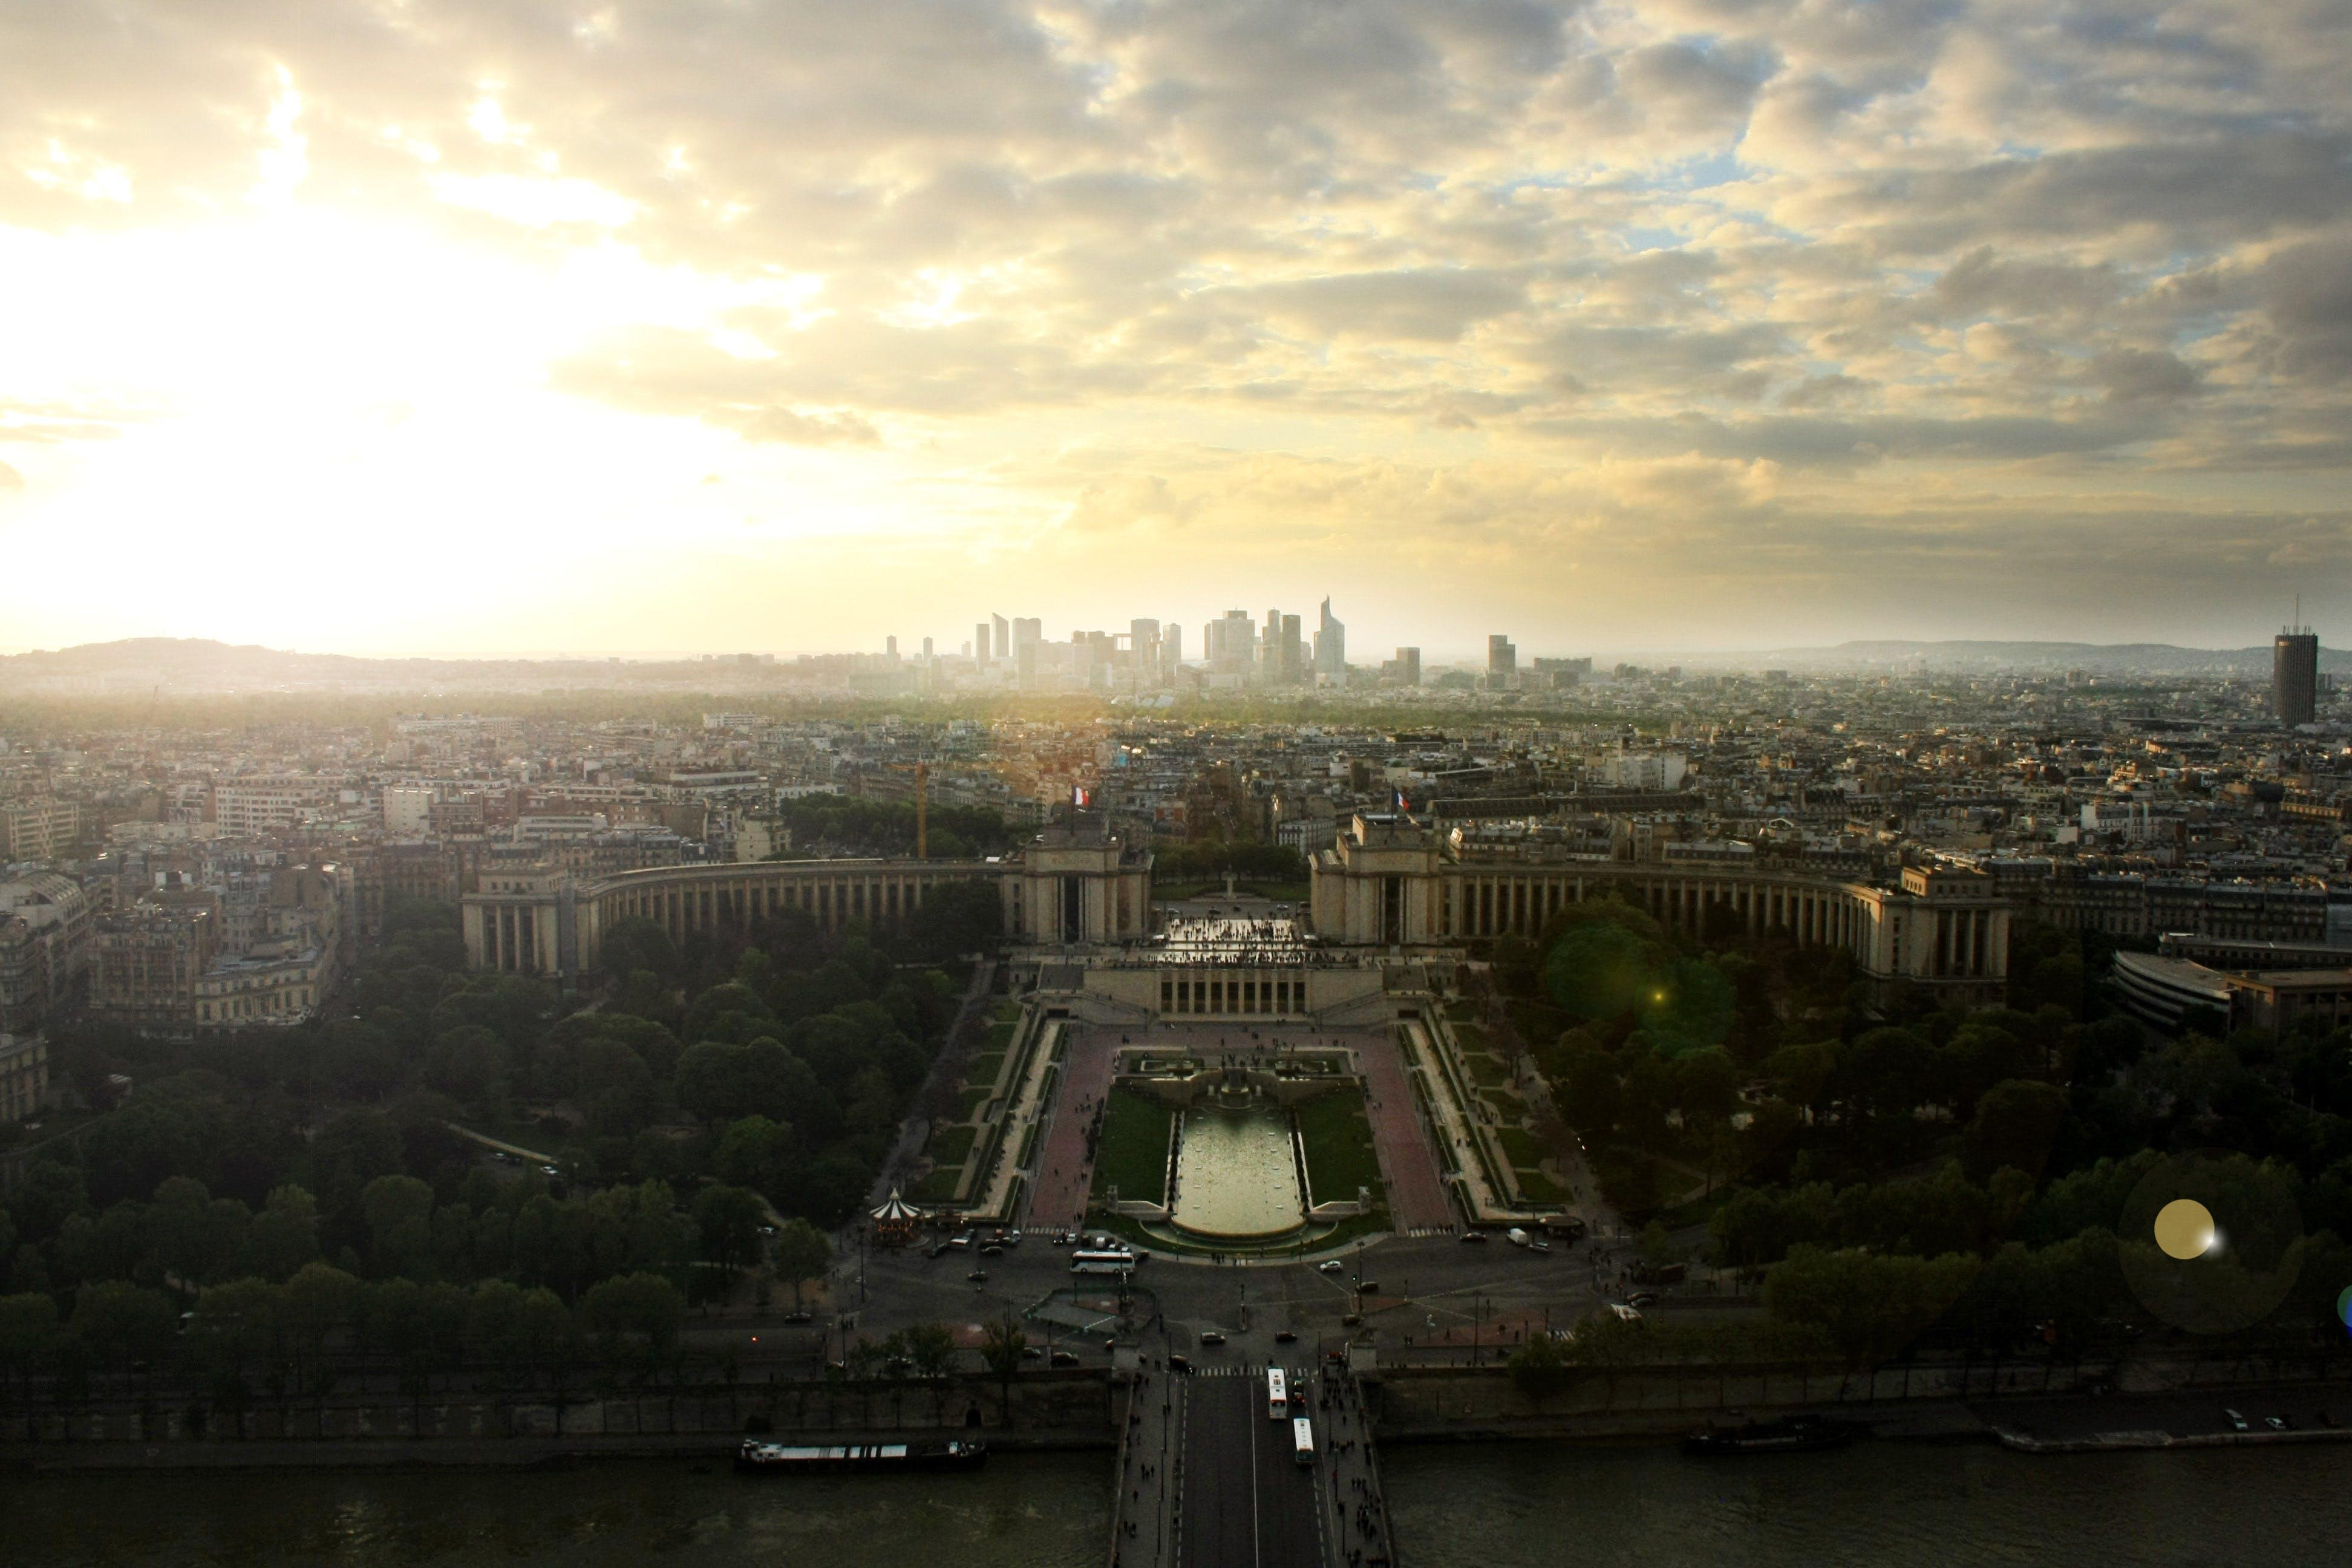 Free stock photo of city, sky, eiffel tower, paris